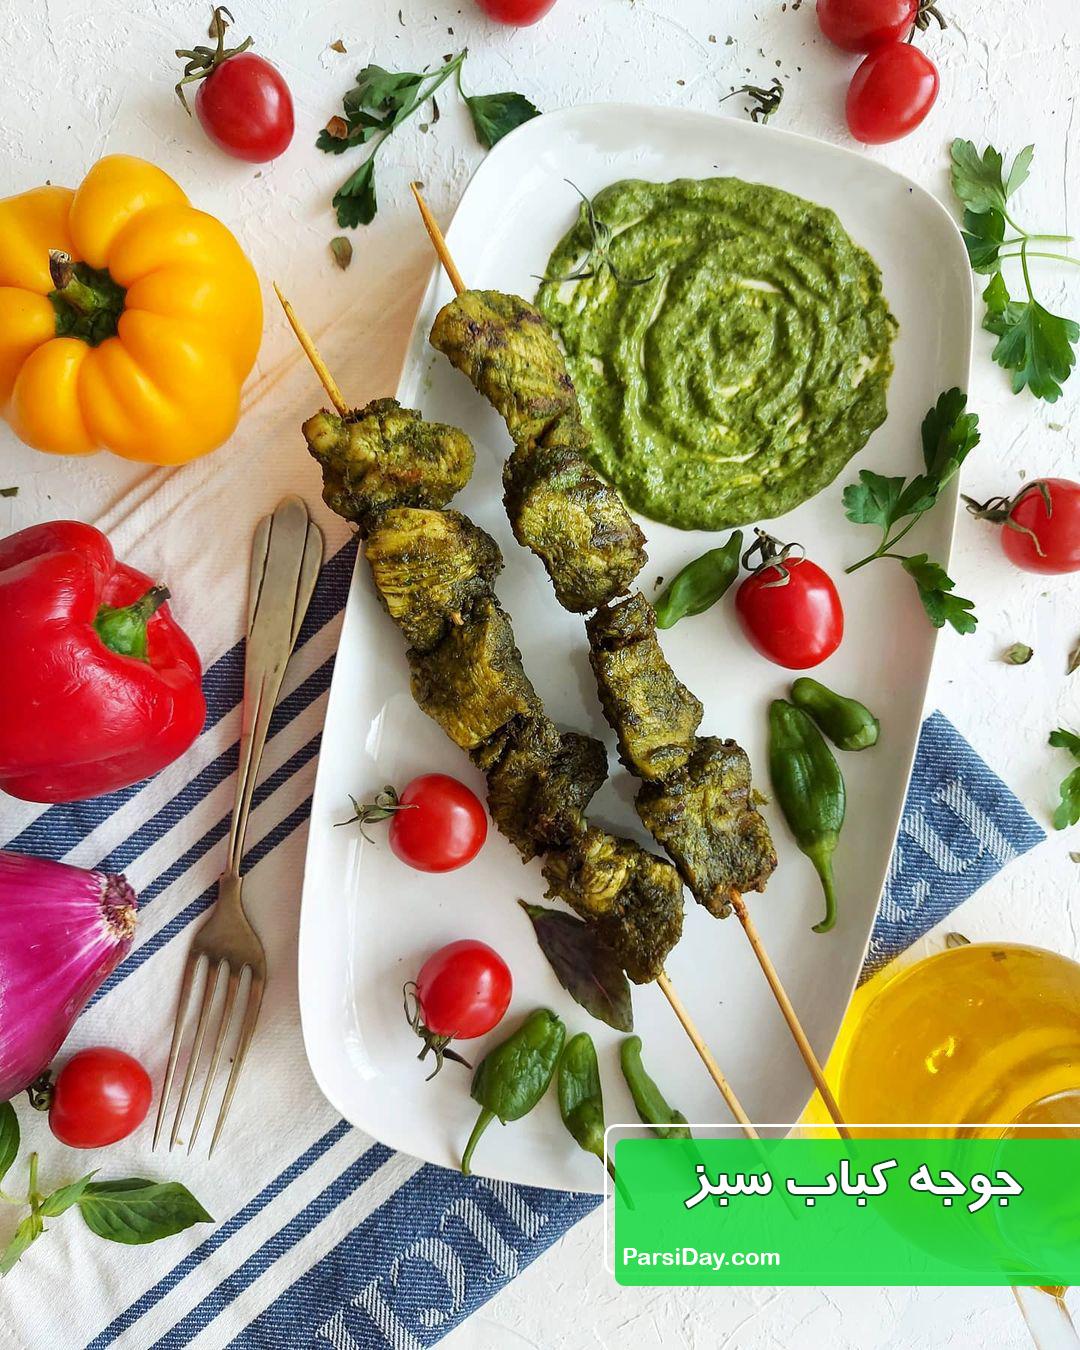 طرز تهیه جوجه کباب سبز